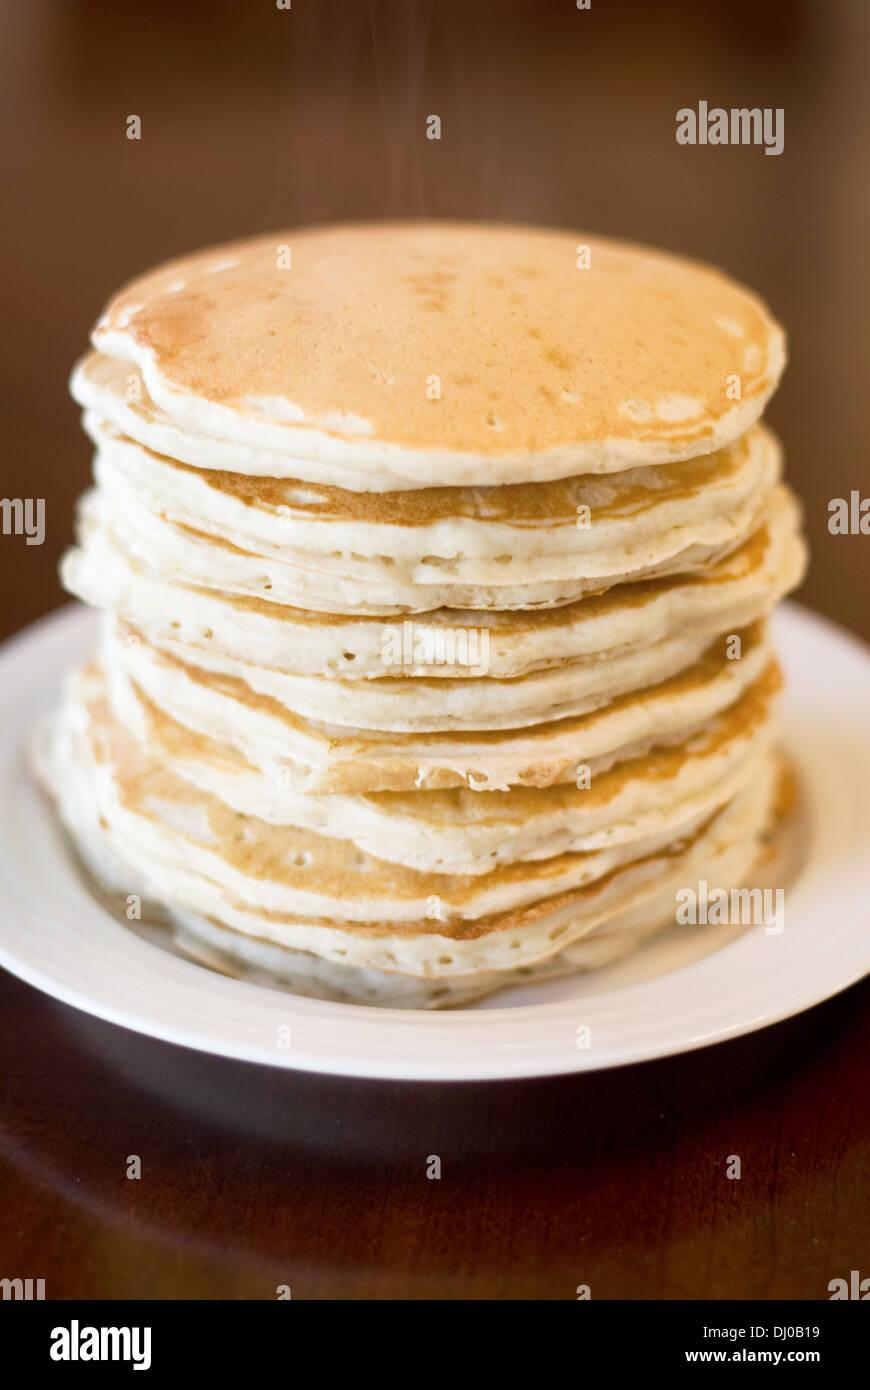 Ein Stapel von 10 frischen, heißen Buttermilch Pfannkuchen mit dem Dampf von oben immer noch steigend. Stockbild